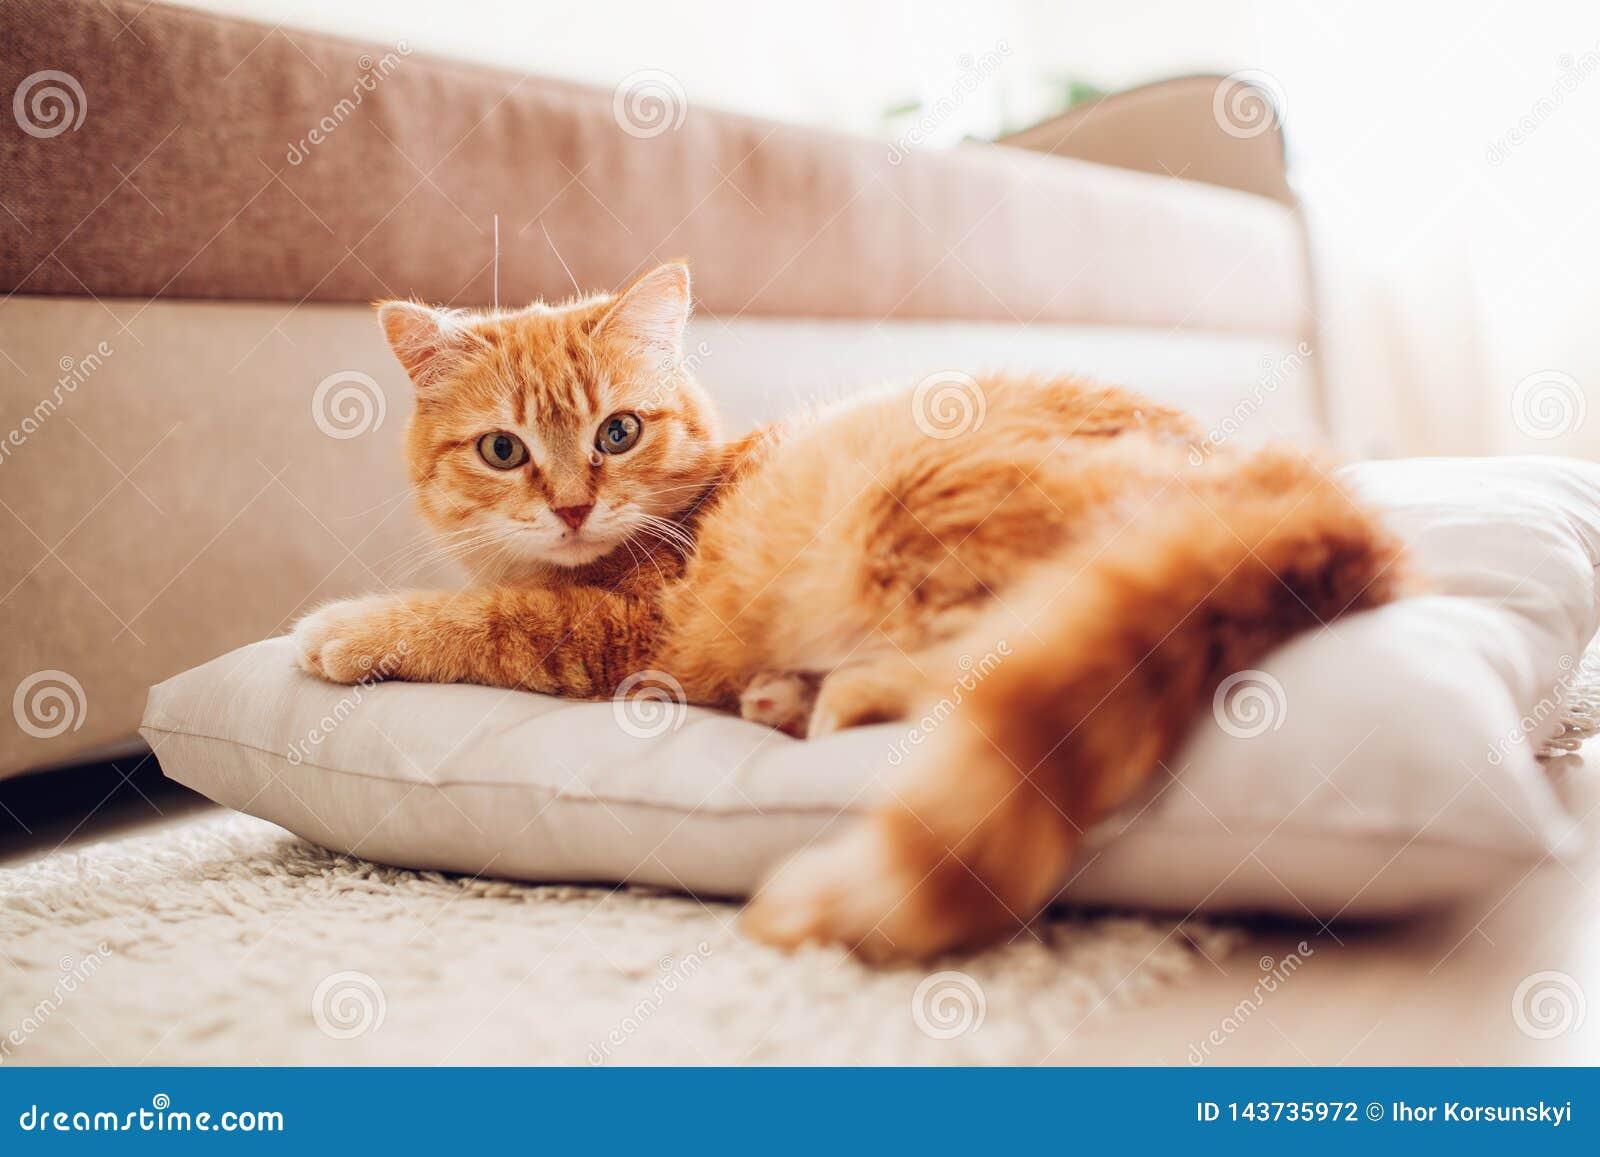 Czerwony kota lying on the beach na poduszce w domu